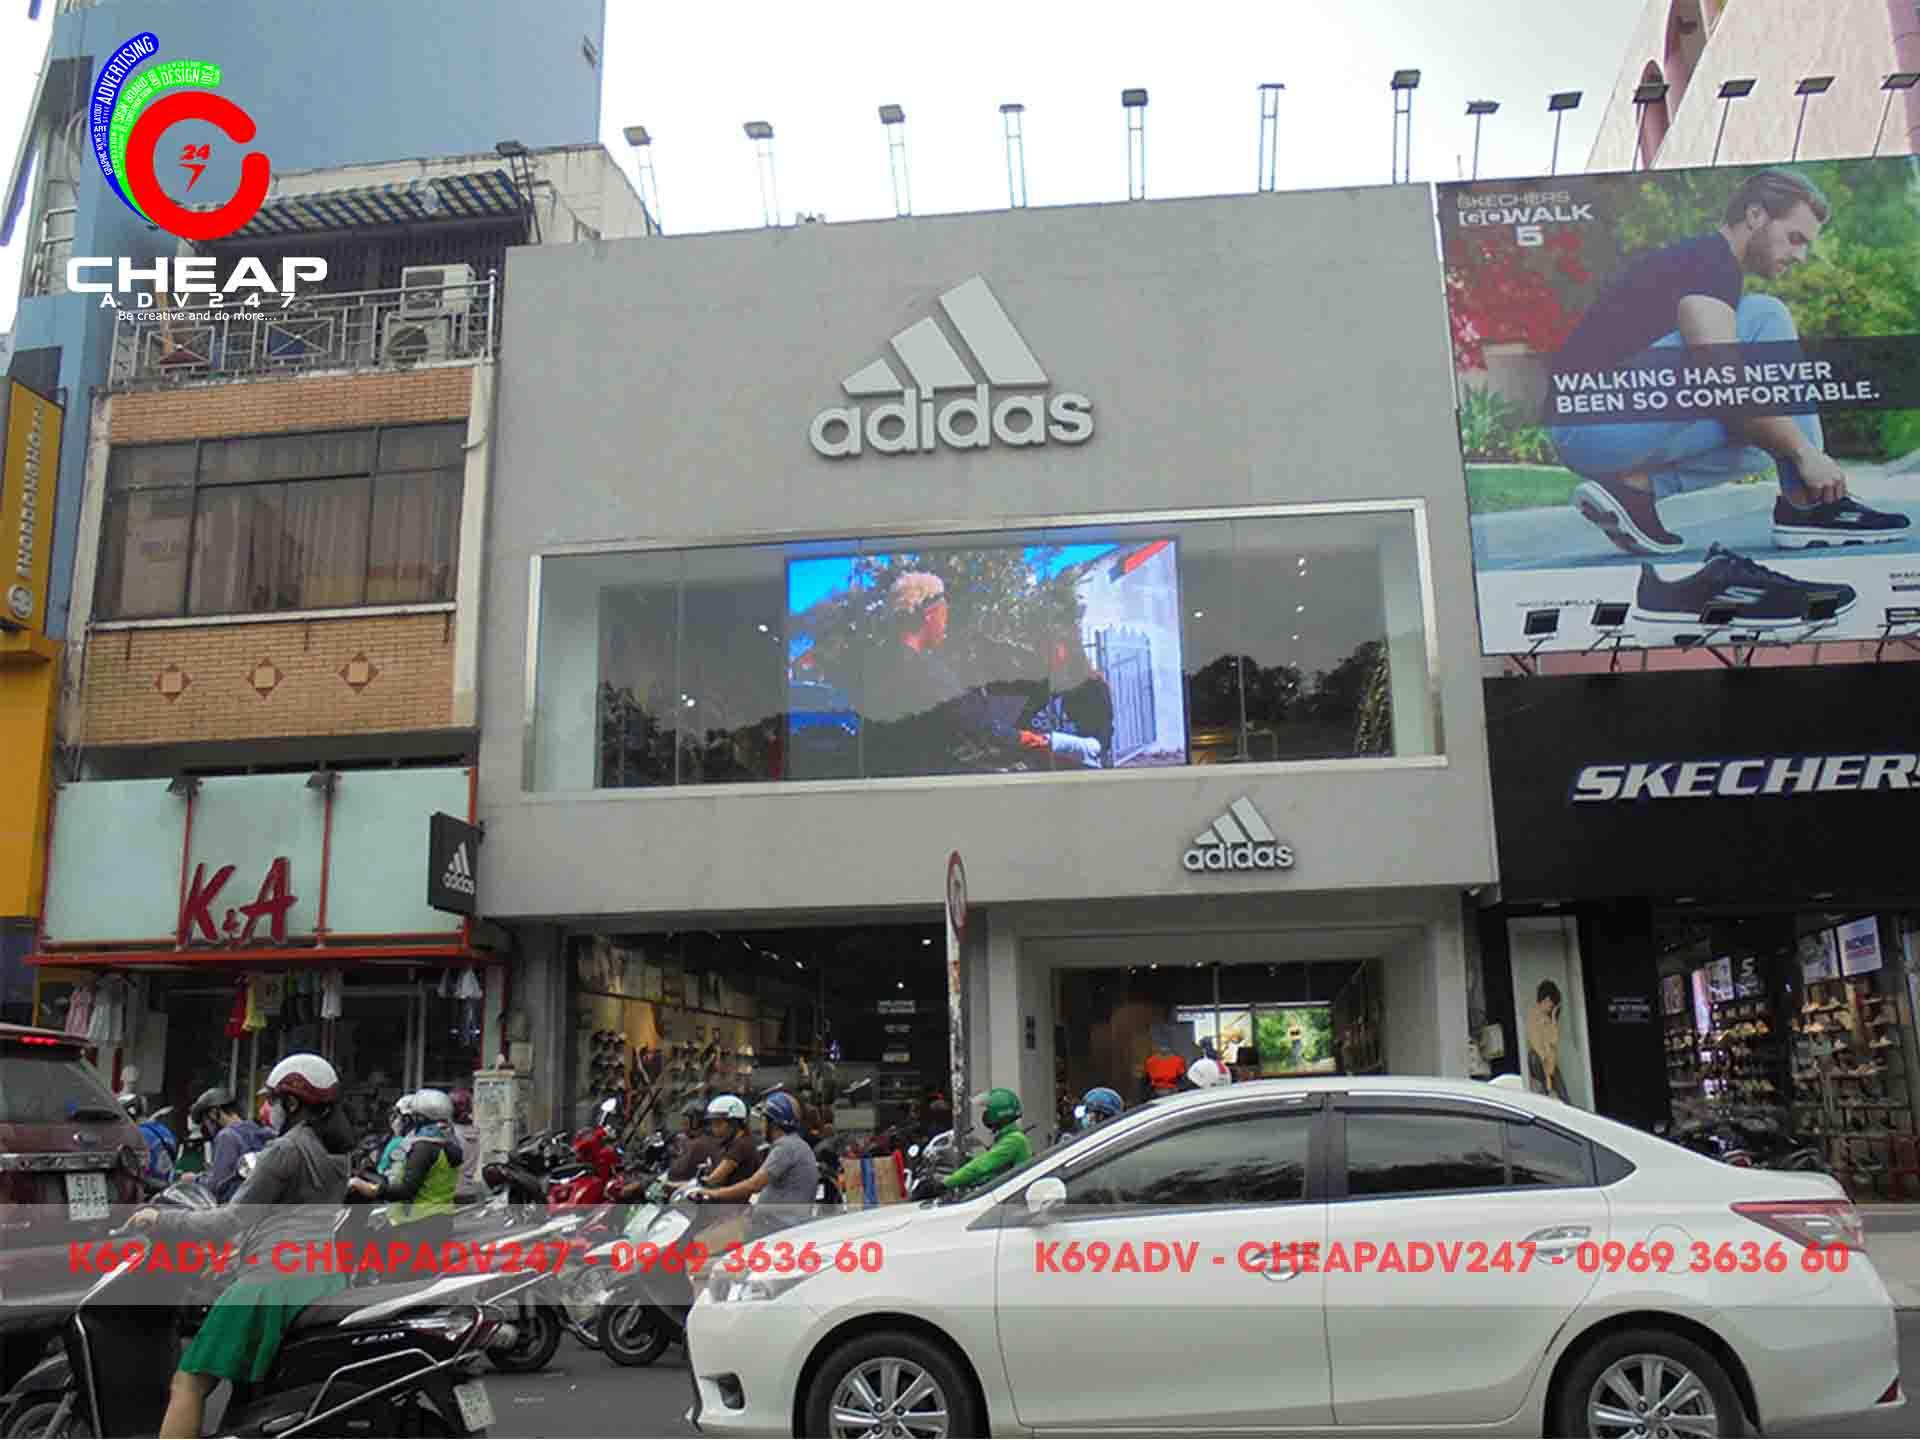 lam bang hieu shop thoi trang cheapadv247 06